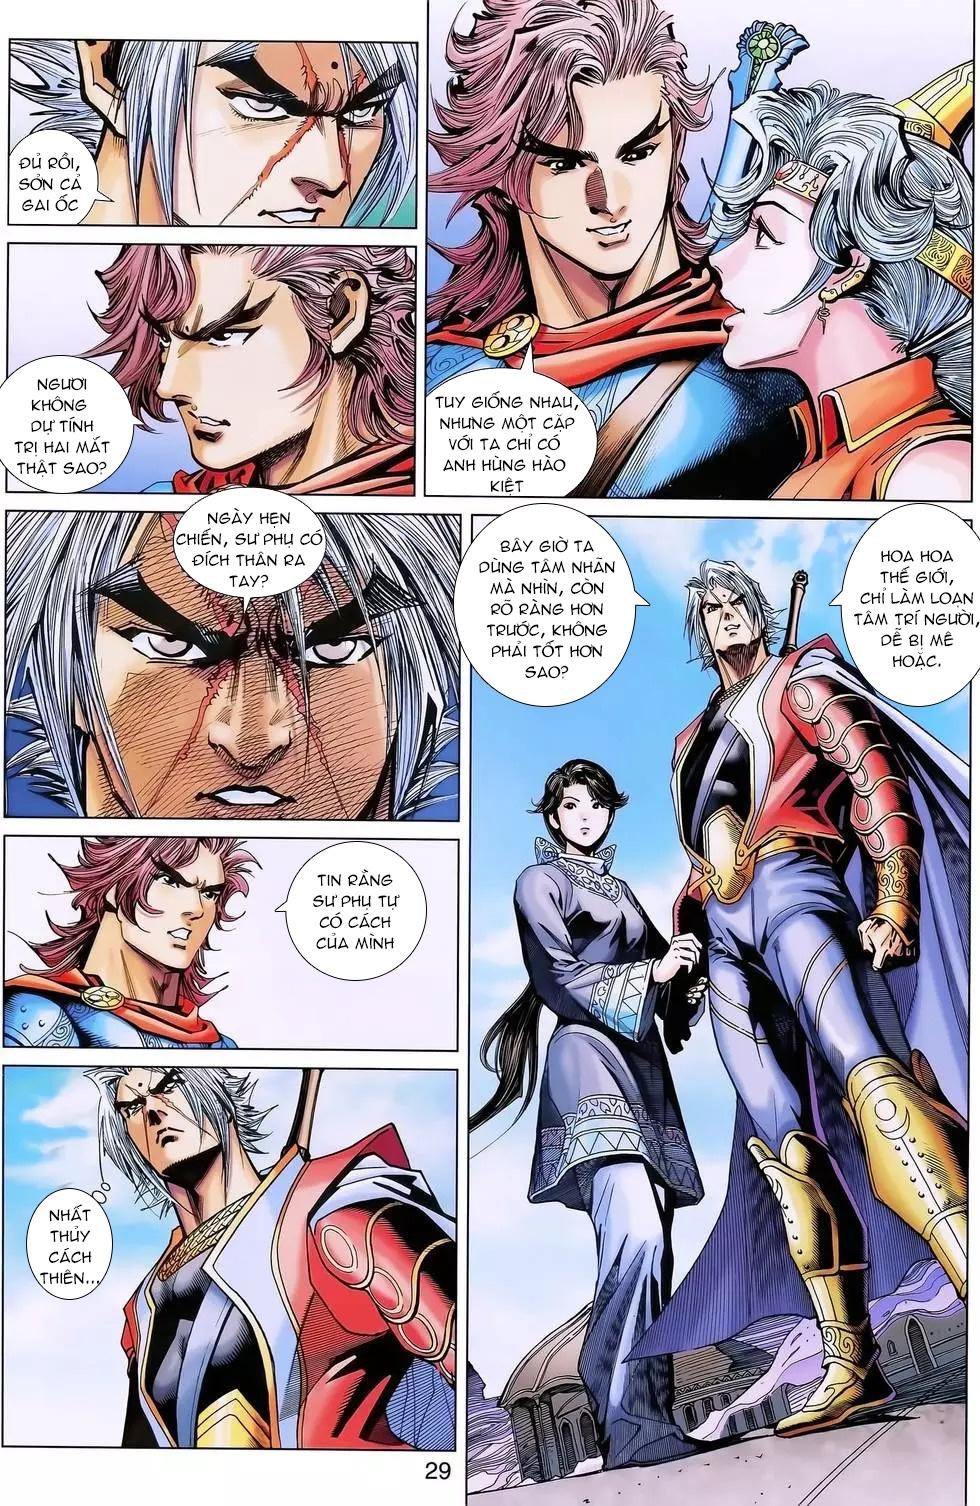 Thần binh huyền kỳ 3 - 3.5 tập 185 - 14